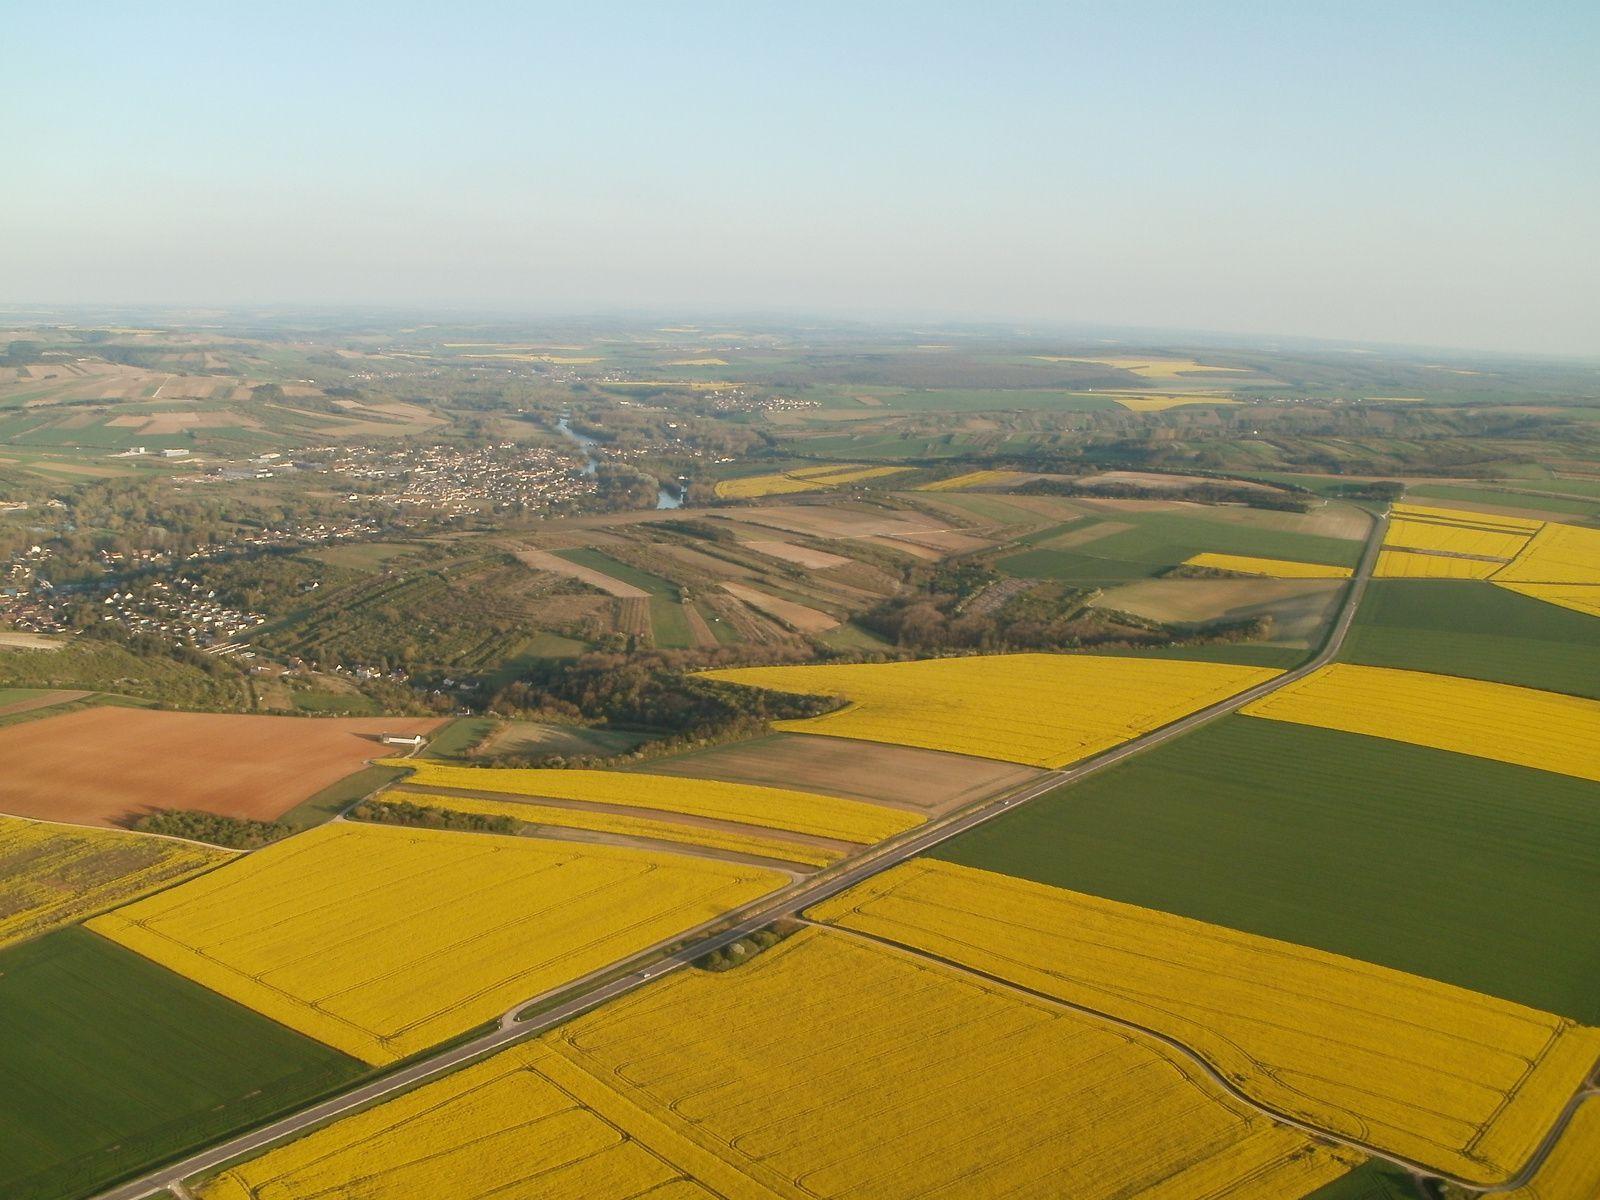 L'ancienne voie romaine en sortie d'Auxerre en direction du sud. En la parcourant, on surplombe les paysages d'un coté d'une vallée viticole et fruitière, et de l'autre coté, de grande culture.